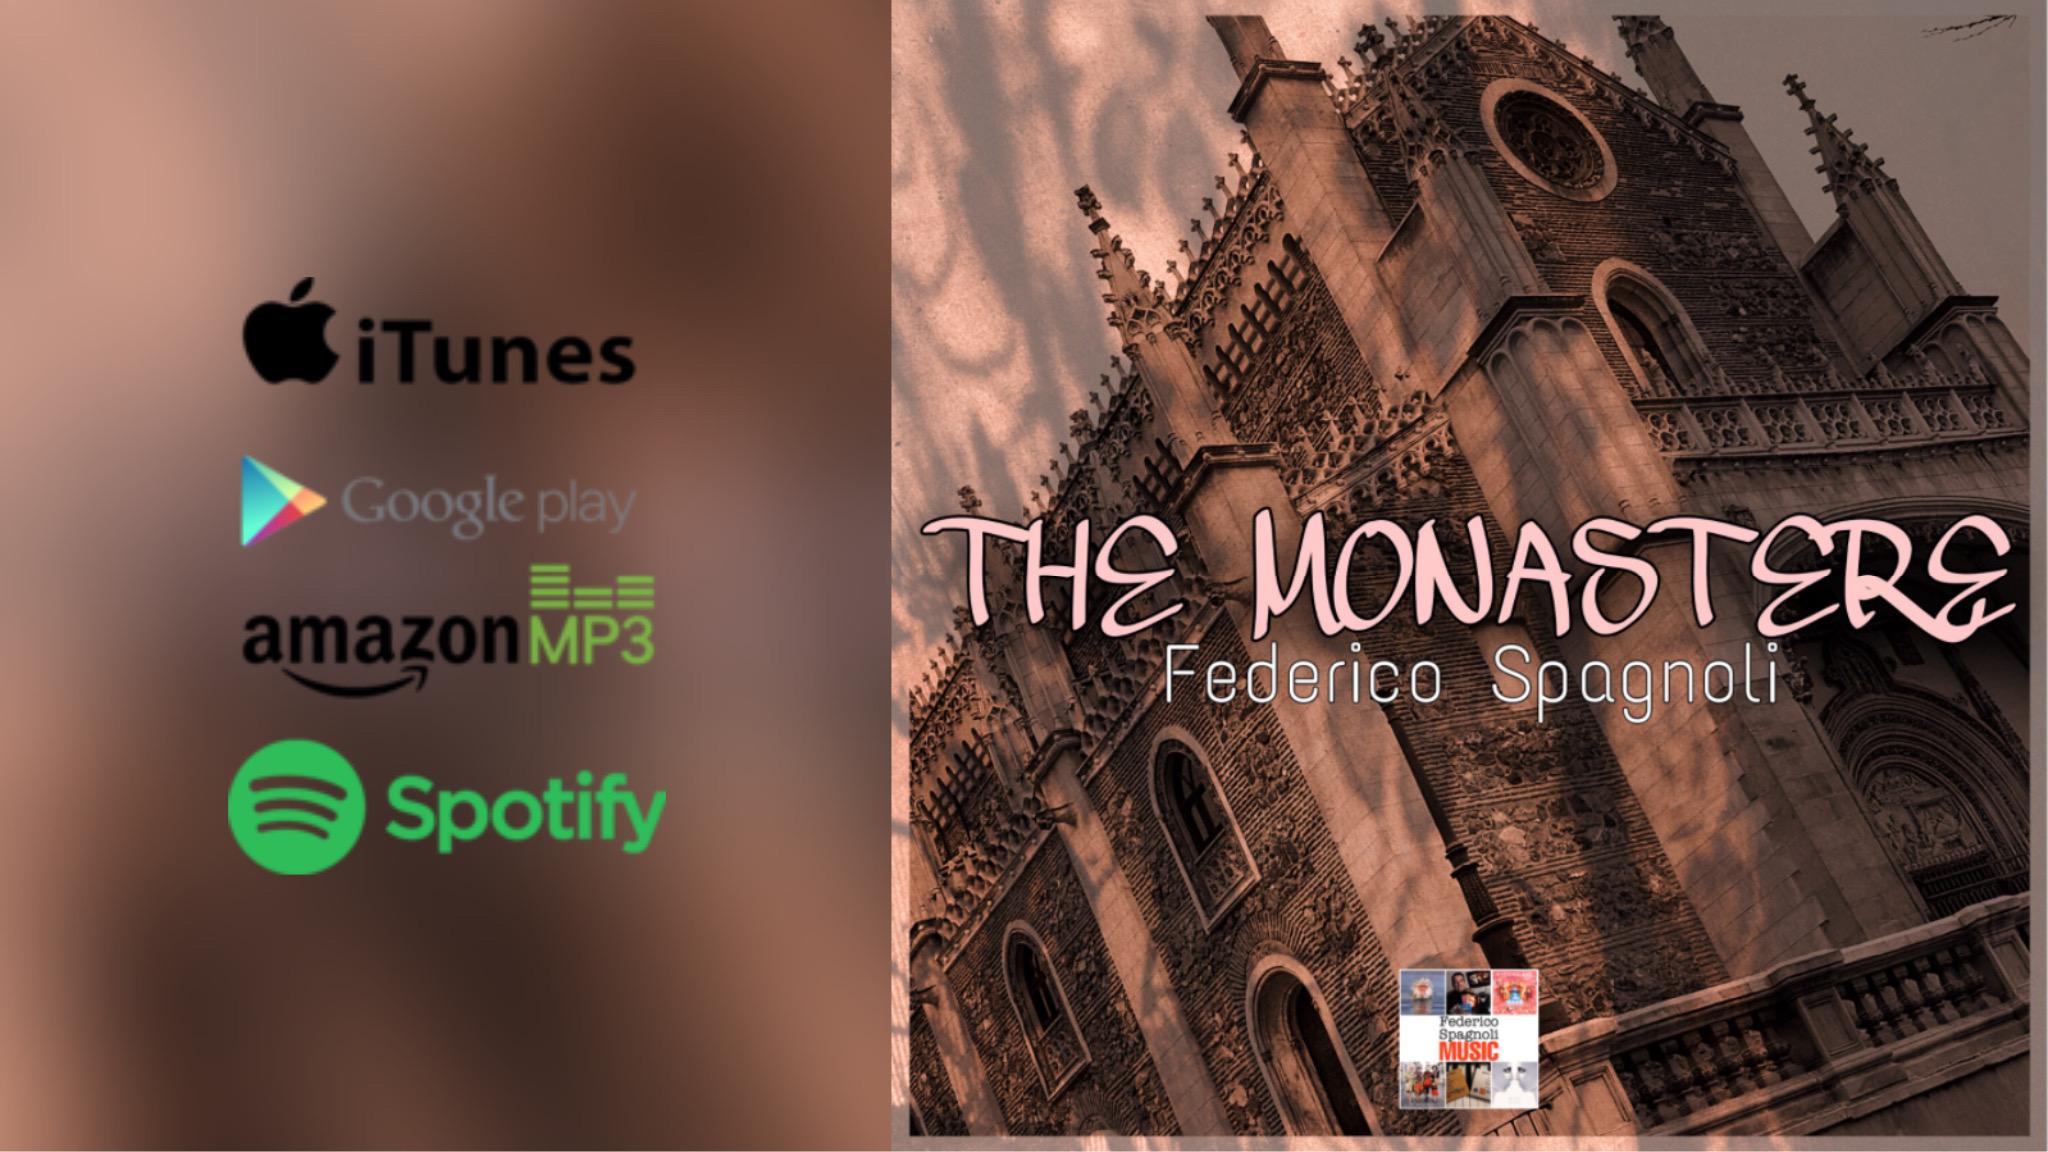 THE MONASTERE